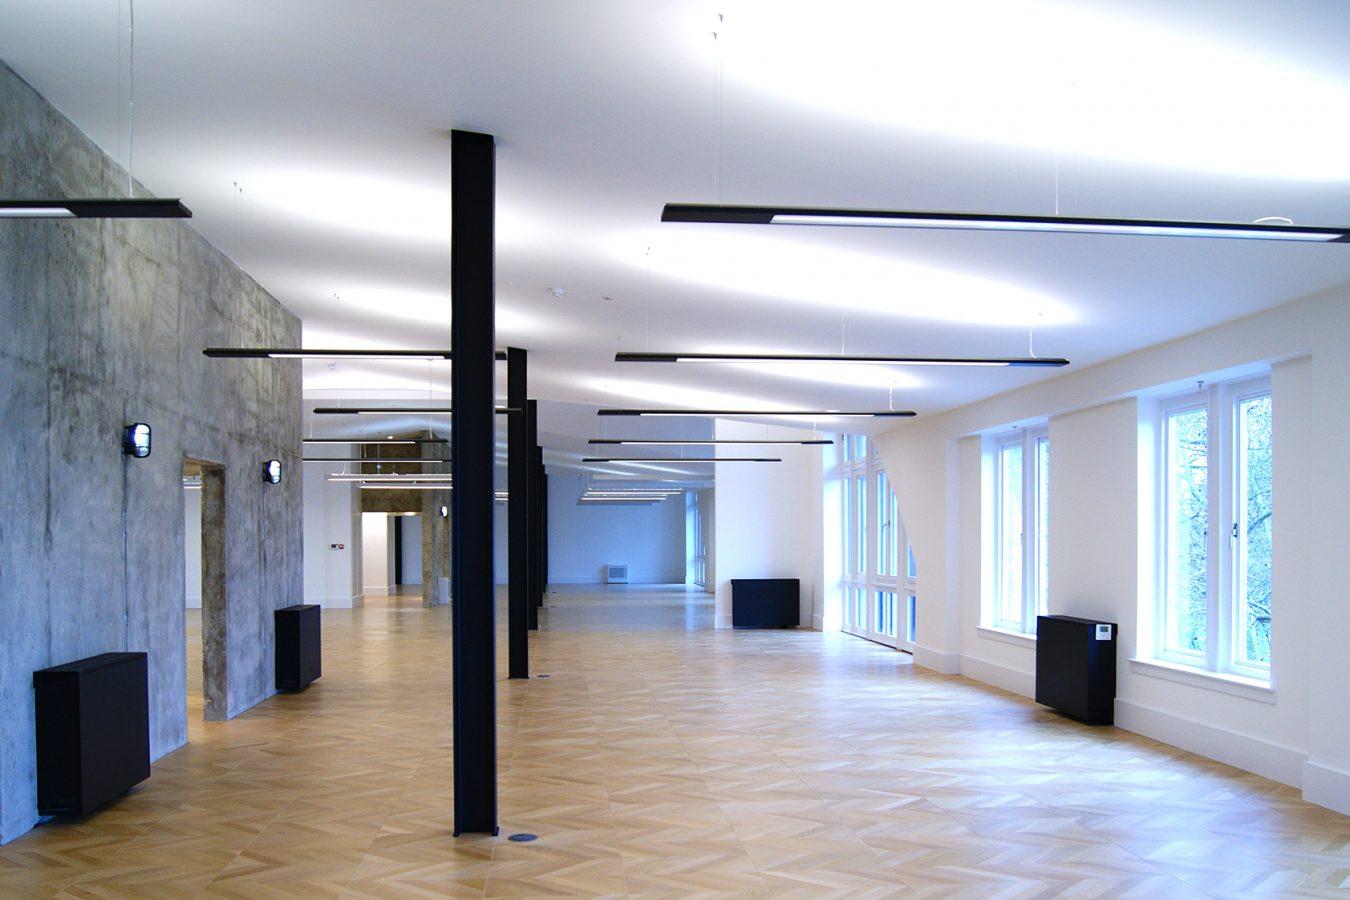 Exposed black steel beams create an industrial look in this office space in London.